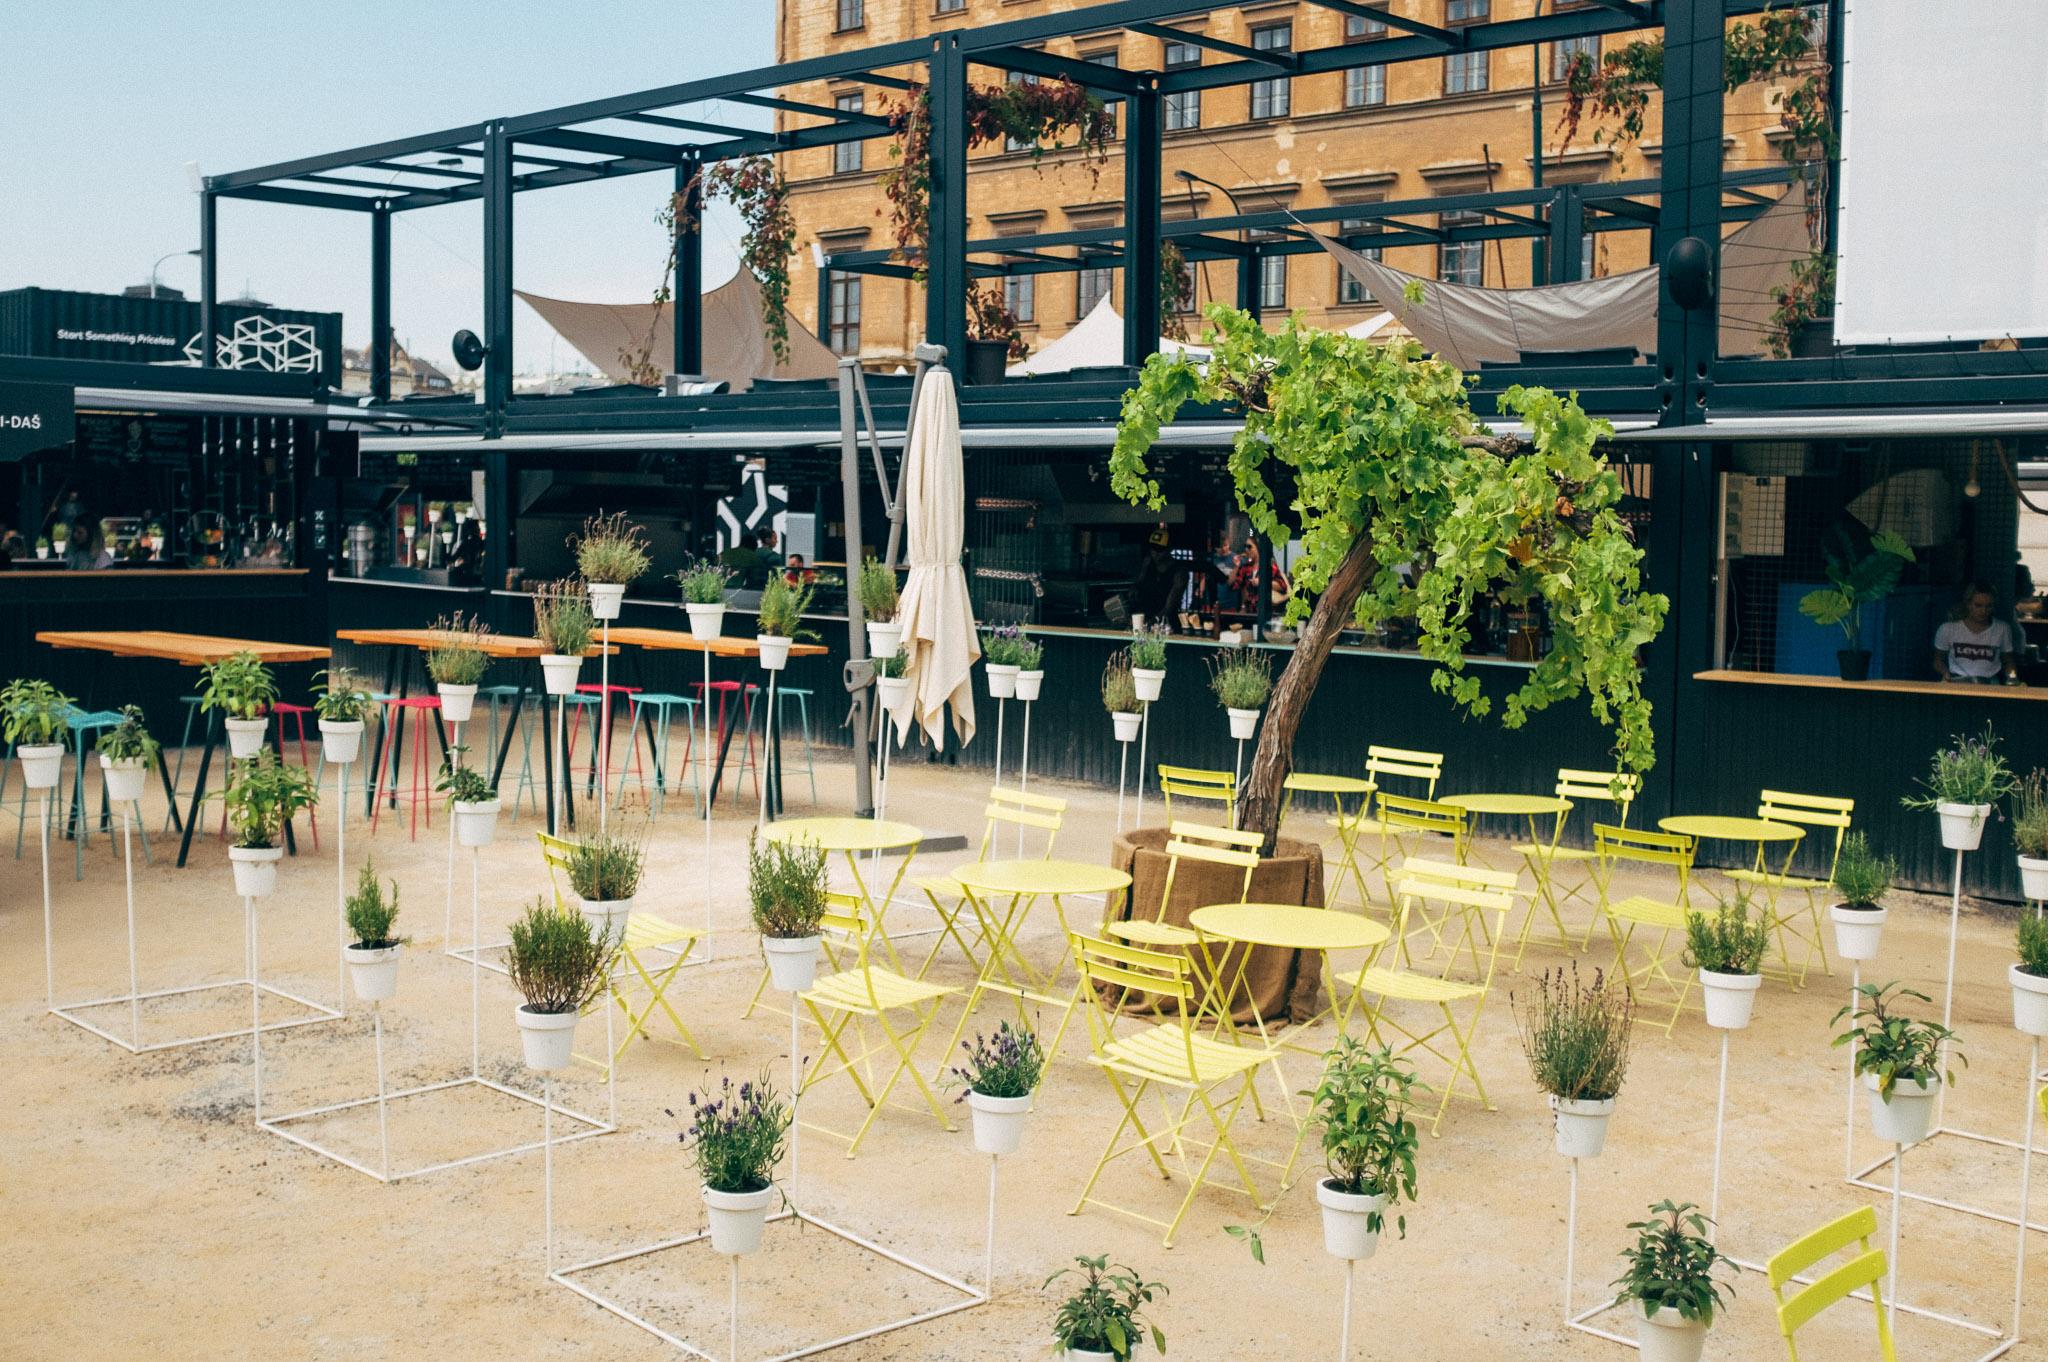 """V Manifestu našla domov """"Victoria pragensis"""", architektonicko-rostlinná instalace, vzniklá ve spolupráci Haenke a Juráše Lasovského"""